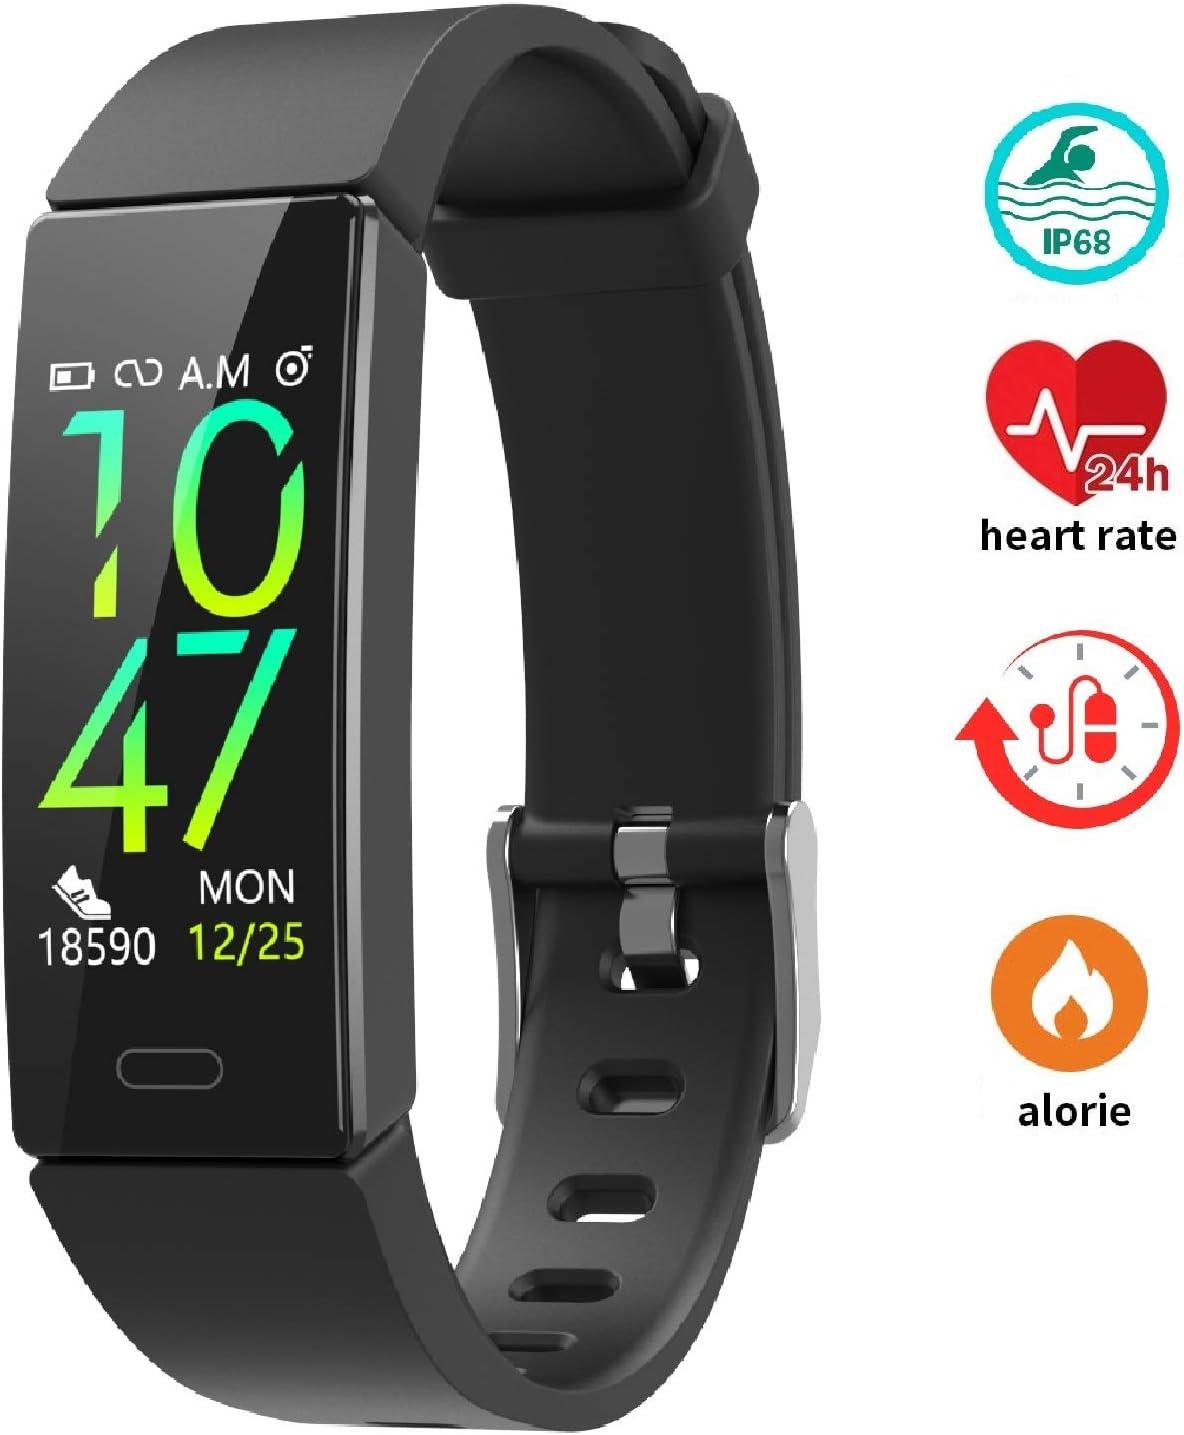 Pulsera de Actividad Reloj Inteligente para Hombre y Mujer, IP68 Impermeable Reloj Deportivo con Rtmo Cardíaco, Presión Sanguínea, Sueño Monitor, cronómetro,Contador y Calorías para Android y iOS